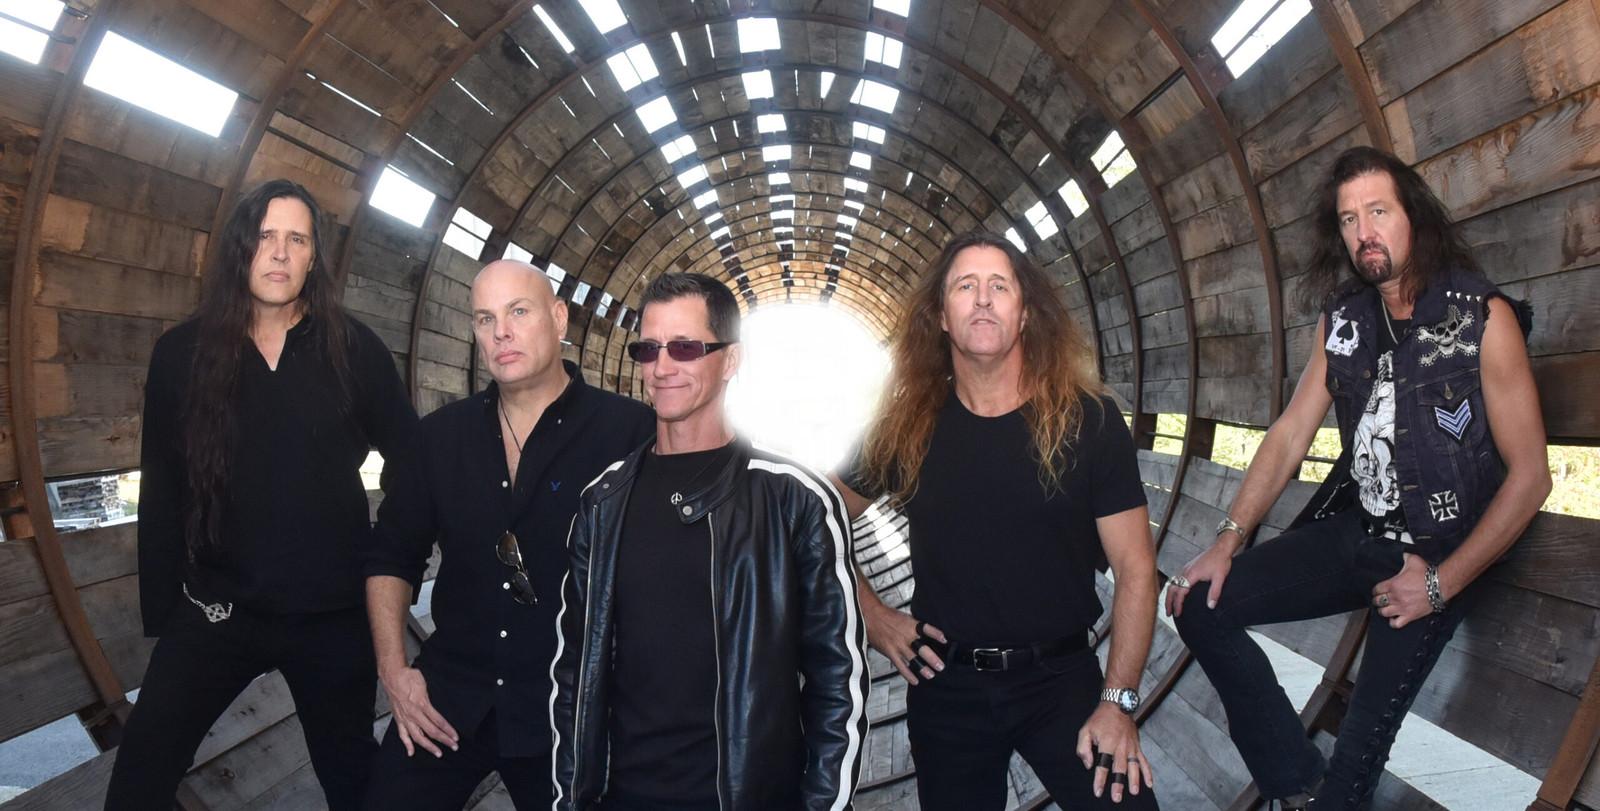 De band Metal Church met Mike Howe in het midden